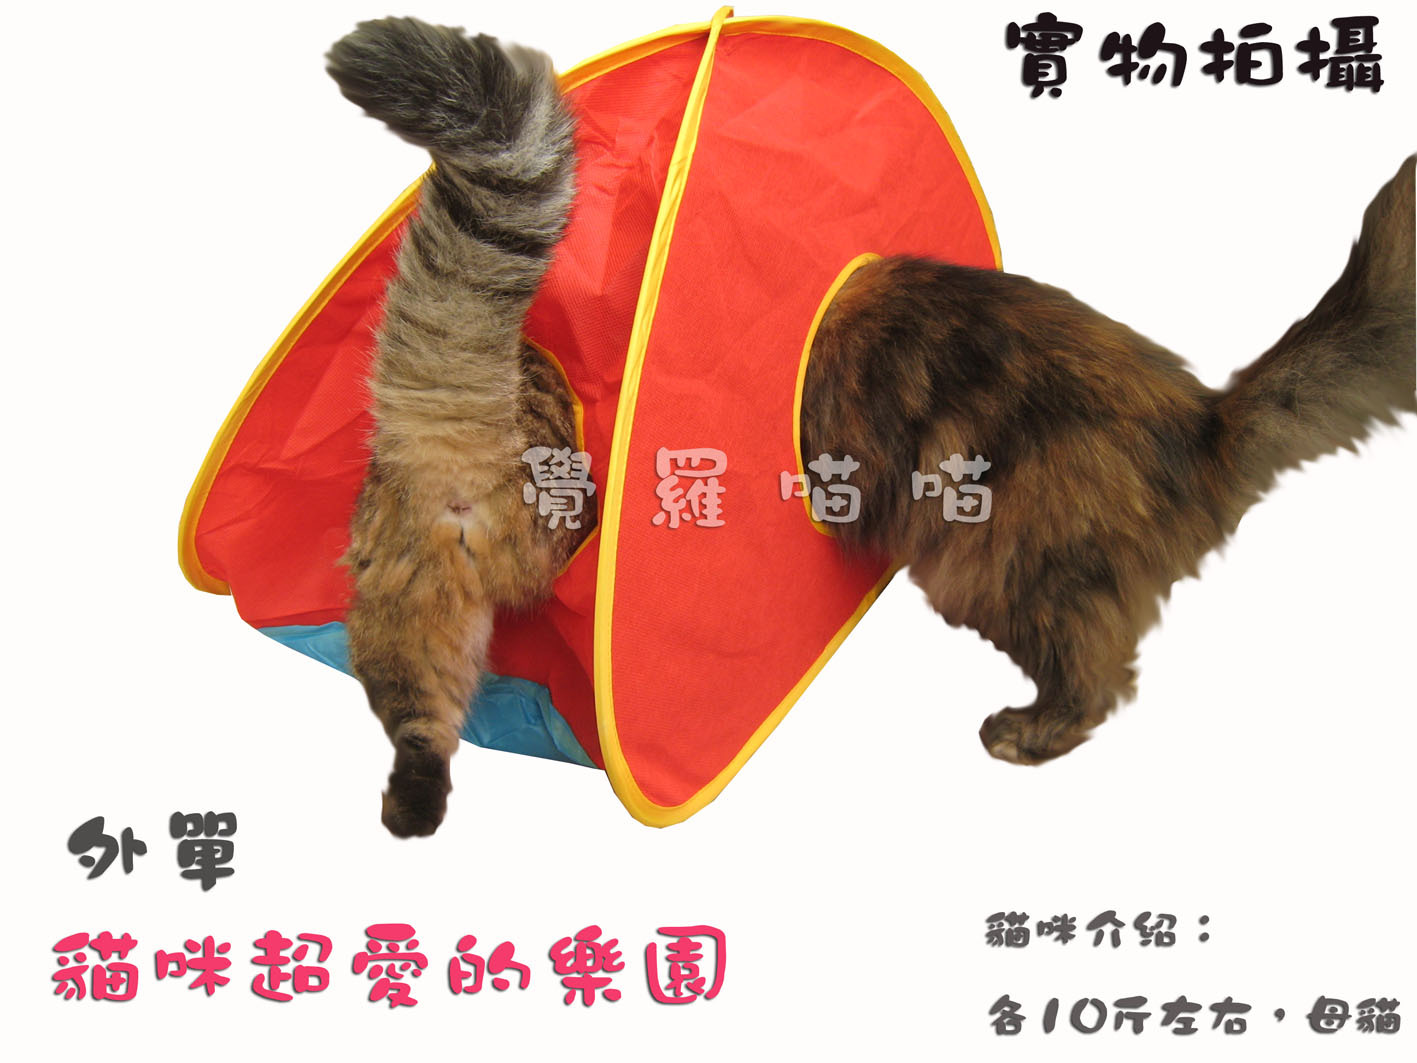 Лежанка для животных * Jue Luo Кот магазин «Европа и синхронизированы» кошки красота света палатки замок палатка собака кошка туннель земле играть